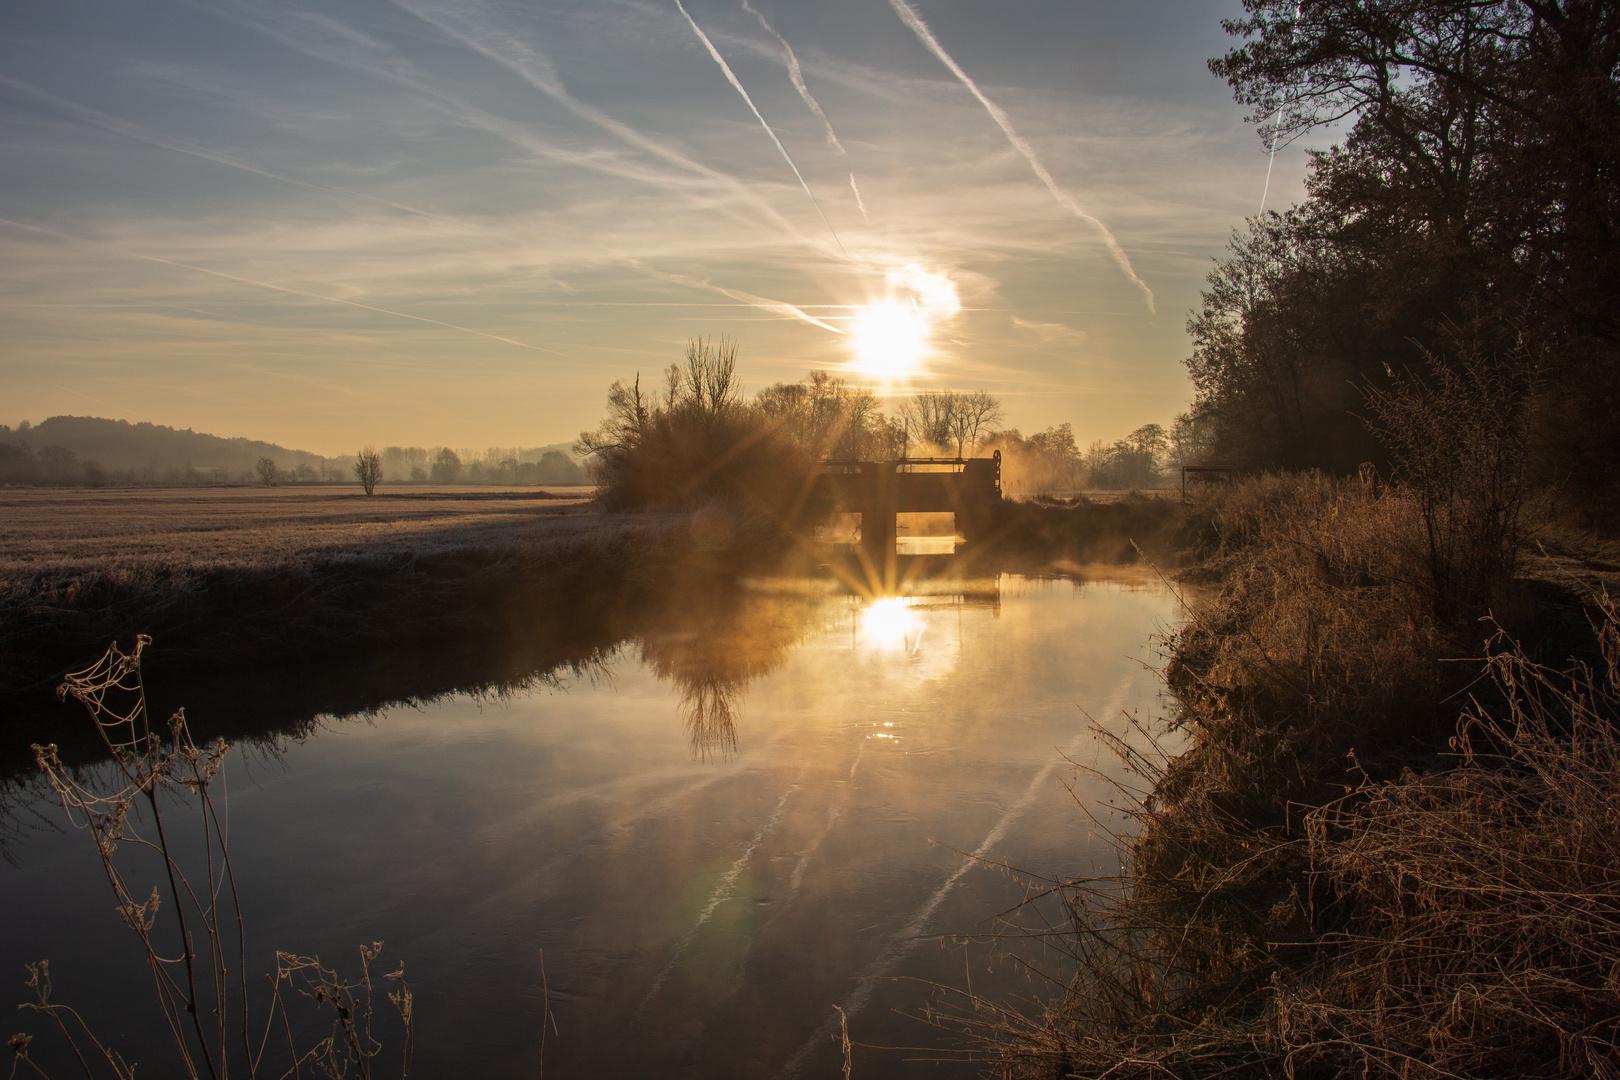 Spaziergang am Morgen